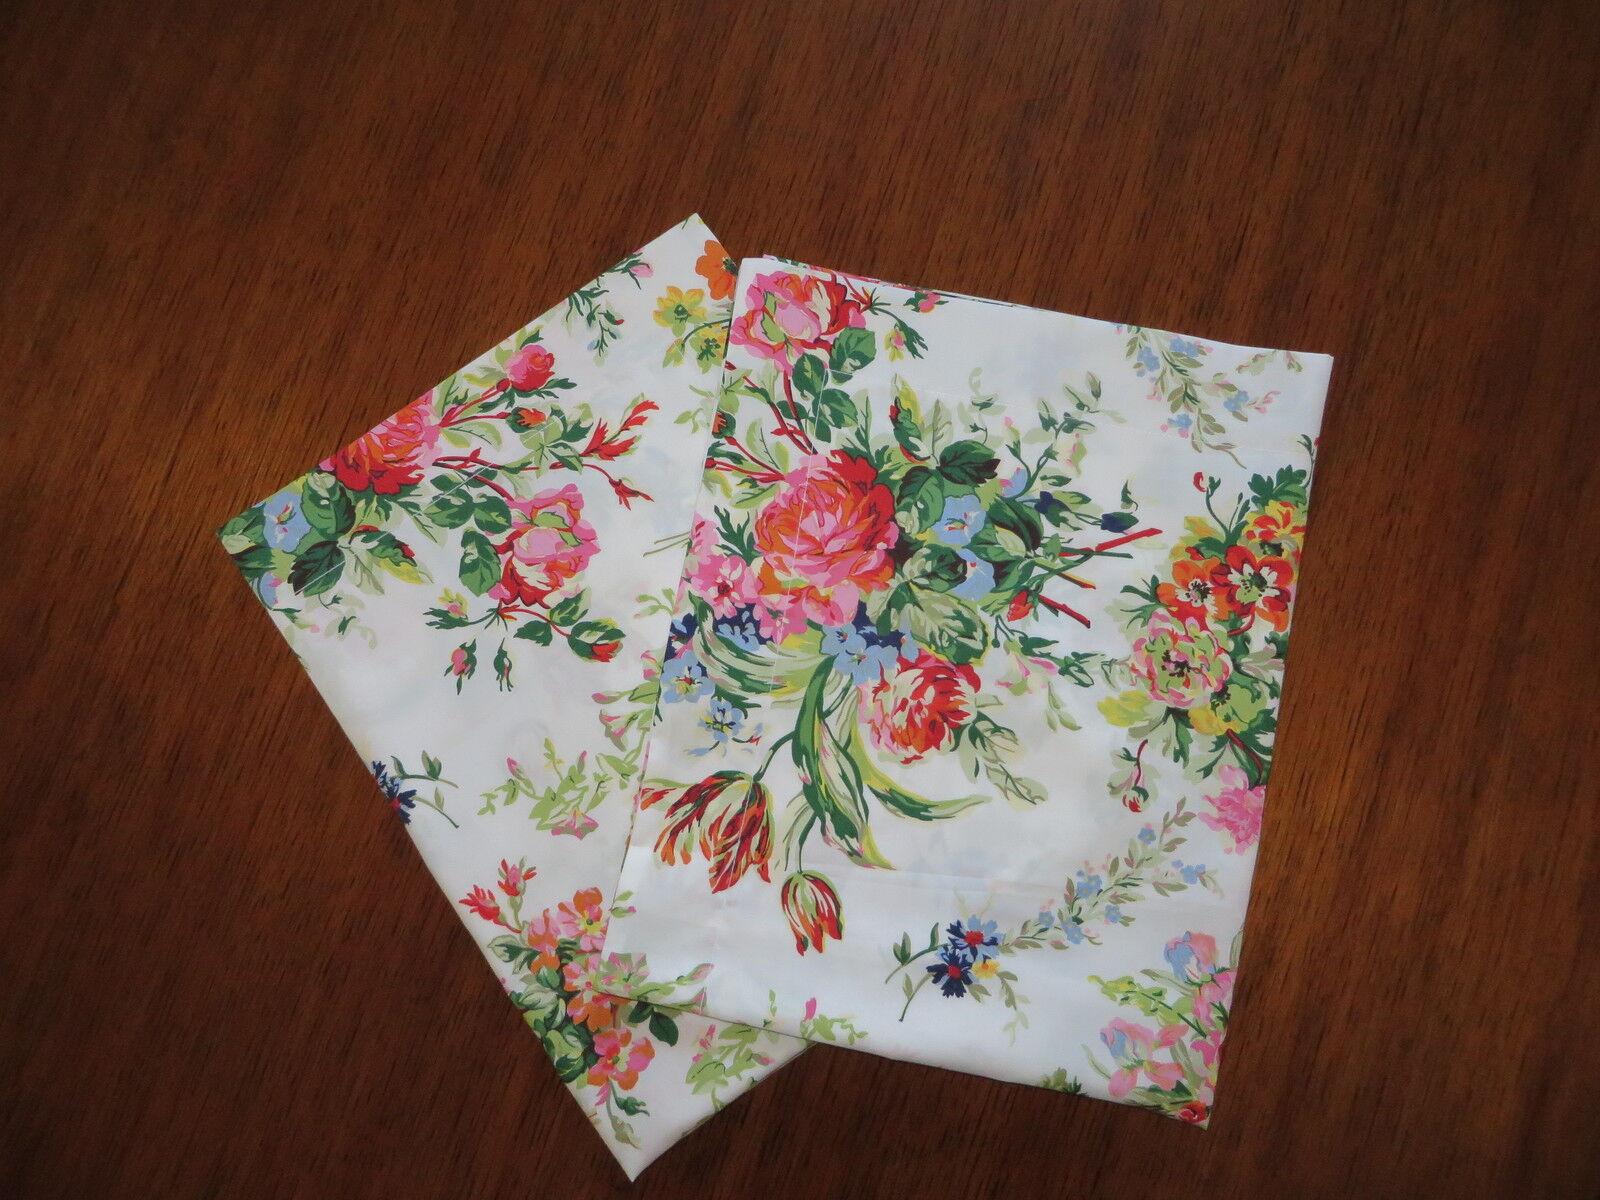 Ralph Lauren BELLE HARBOR  Floral 2 KING pillow Shams New